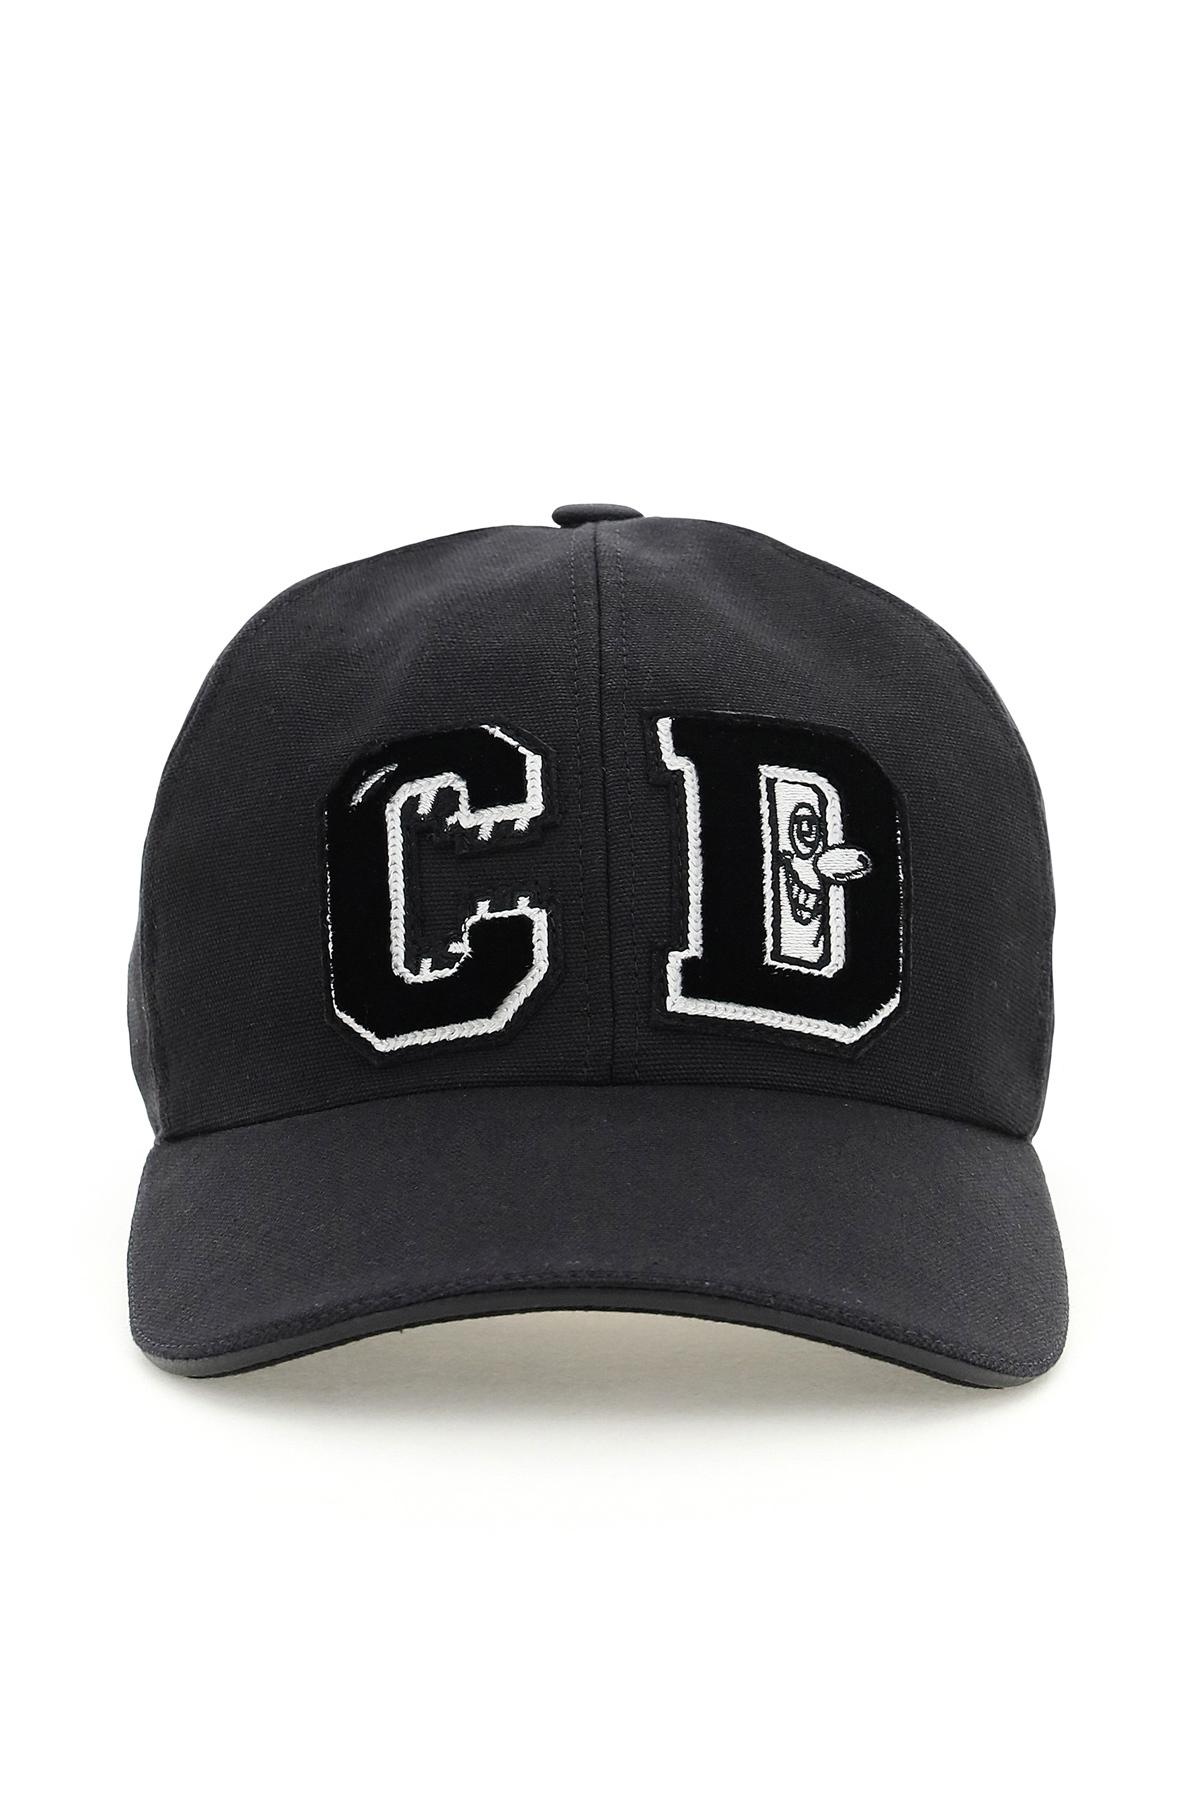 Dior cappello da baseball con logo